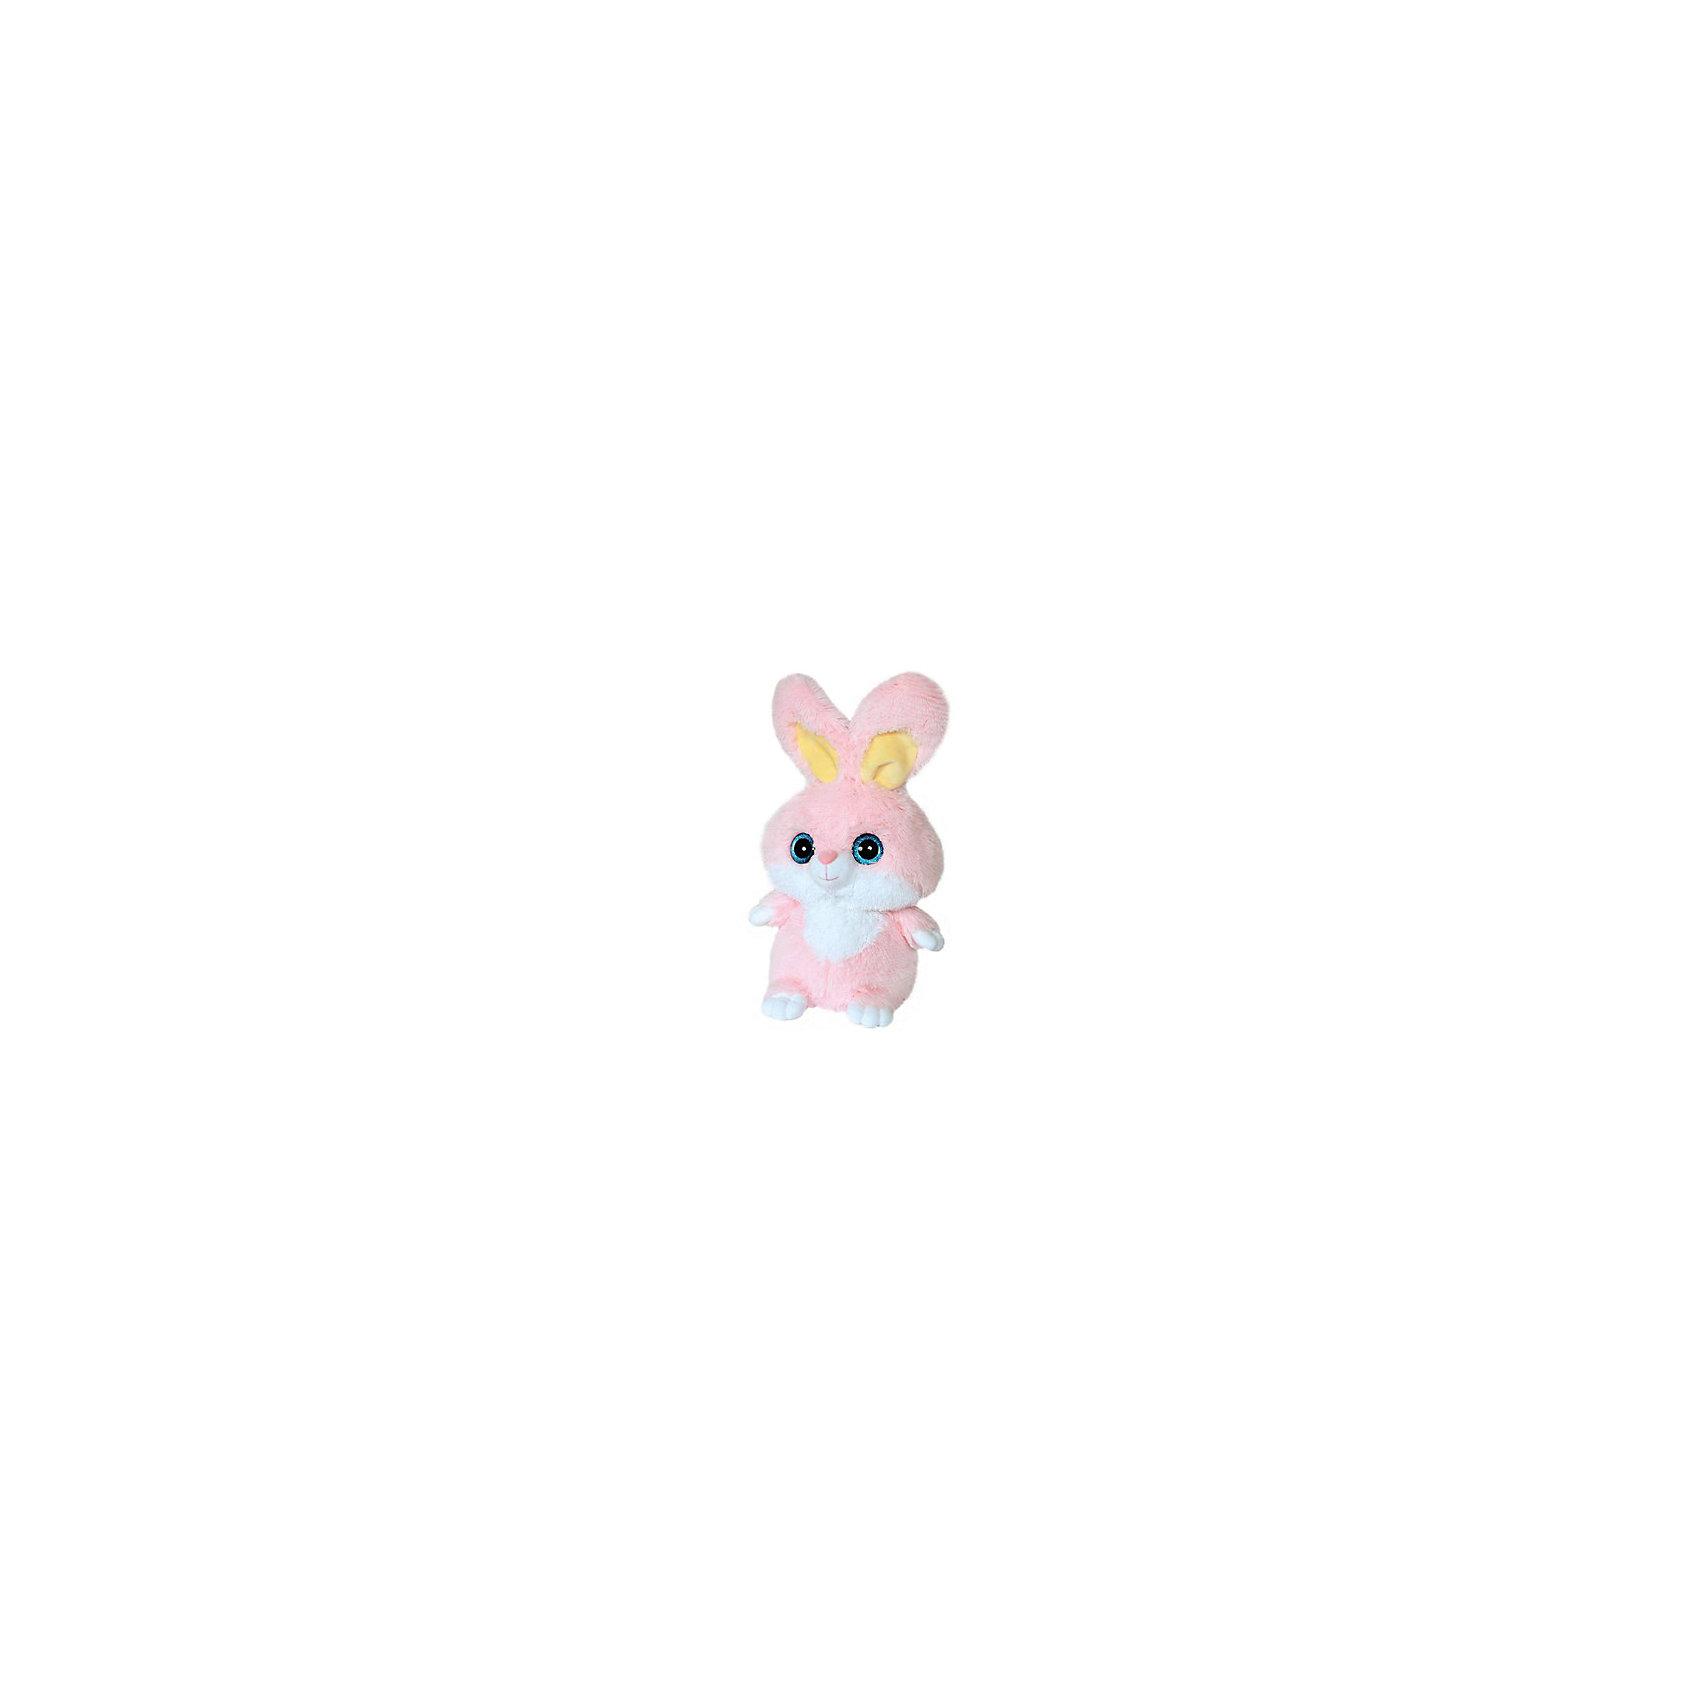 Мягкая игрушка Зайчик, 30 см, СмолТойсЗайчик, СмолТойс - чудесная мягкая игрушка, которая станет отличным подарком детям любого возраста. У зайчика очень мягкая, приятная на ощупь розовая шерстка и добрая трогательная мордочка с большими голубыми глазами. Ребенок с удовольствием будет обнимать и тискать эту очаровательную зверюшку и даже сможет брать ее с собой в кровать, игрушка выполнена из гипоаллергенных материалов и совершенно безопасна для детей. Способствует развитию воображения и тактильной чувствительности у детей.<br><br>Дополнительная информация:<br><br>- Материал: текстиль, плюш.<br>- Размер игрушки: 30 см.<br>- Размер упаковки: 22 x 27 x 30 см.<br>- Вес: 0,5 кг.<br><br>Мягкую игрушку Зайчик, СмолТойс, можно купить в нашем интернет-магазине.<br><br>Ширина мм: 220<br>Глубина мм: 270<br>Высота мм: 300<br>Вес г: 500<br>Возраст от месяцев: 36<br>Возраст до месяцев: 36000<br>Пол: Унисекс<br>Возраст: Детский<br>SKU: 4540574